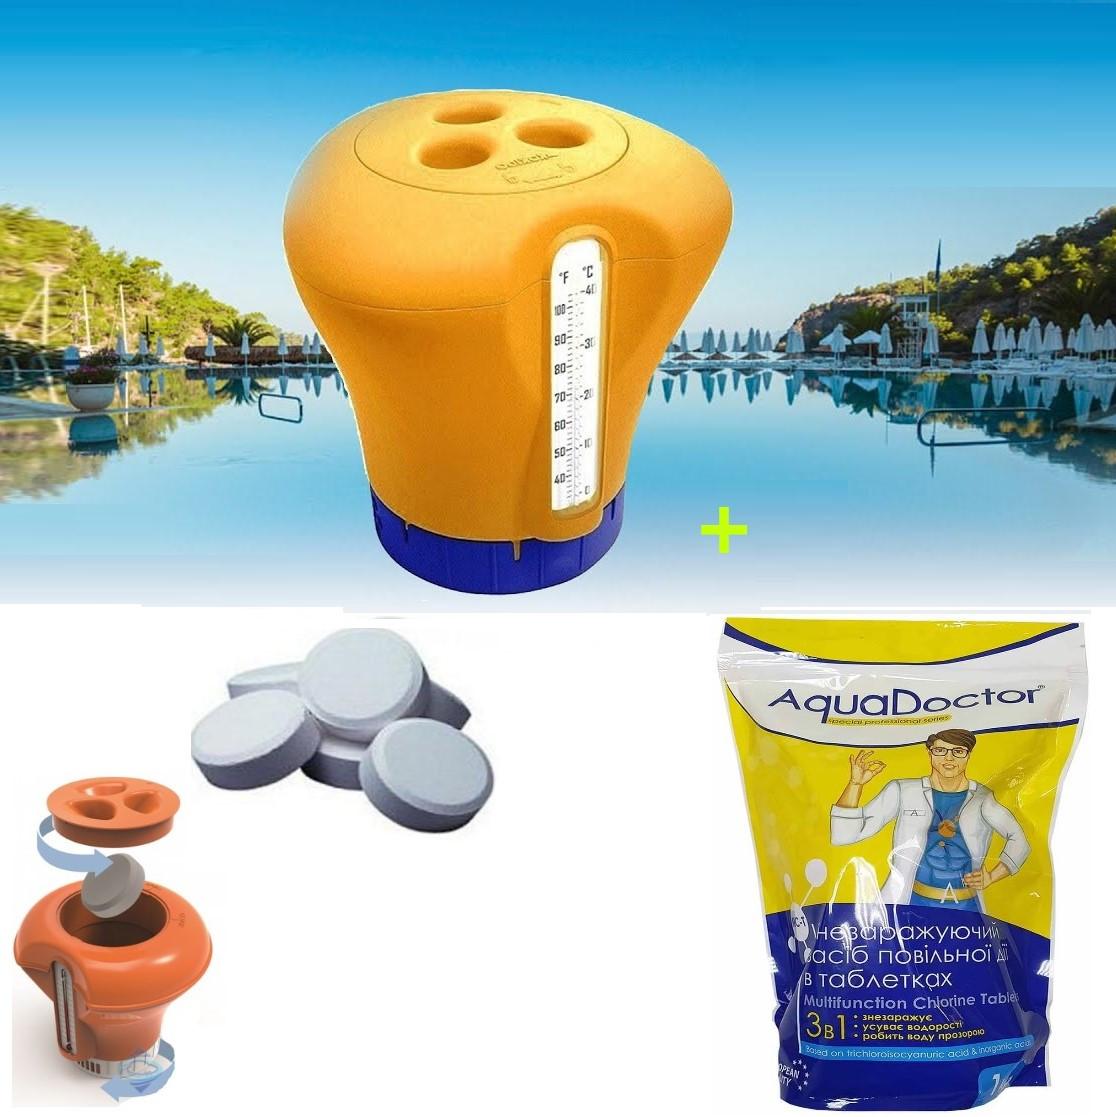 Аква Старт набор для бассейна 3в1 химия + дозатор с термометром (1 кг=5таб* 200г, 75мм )